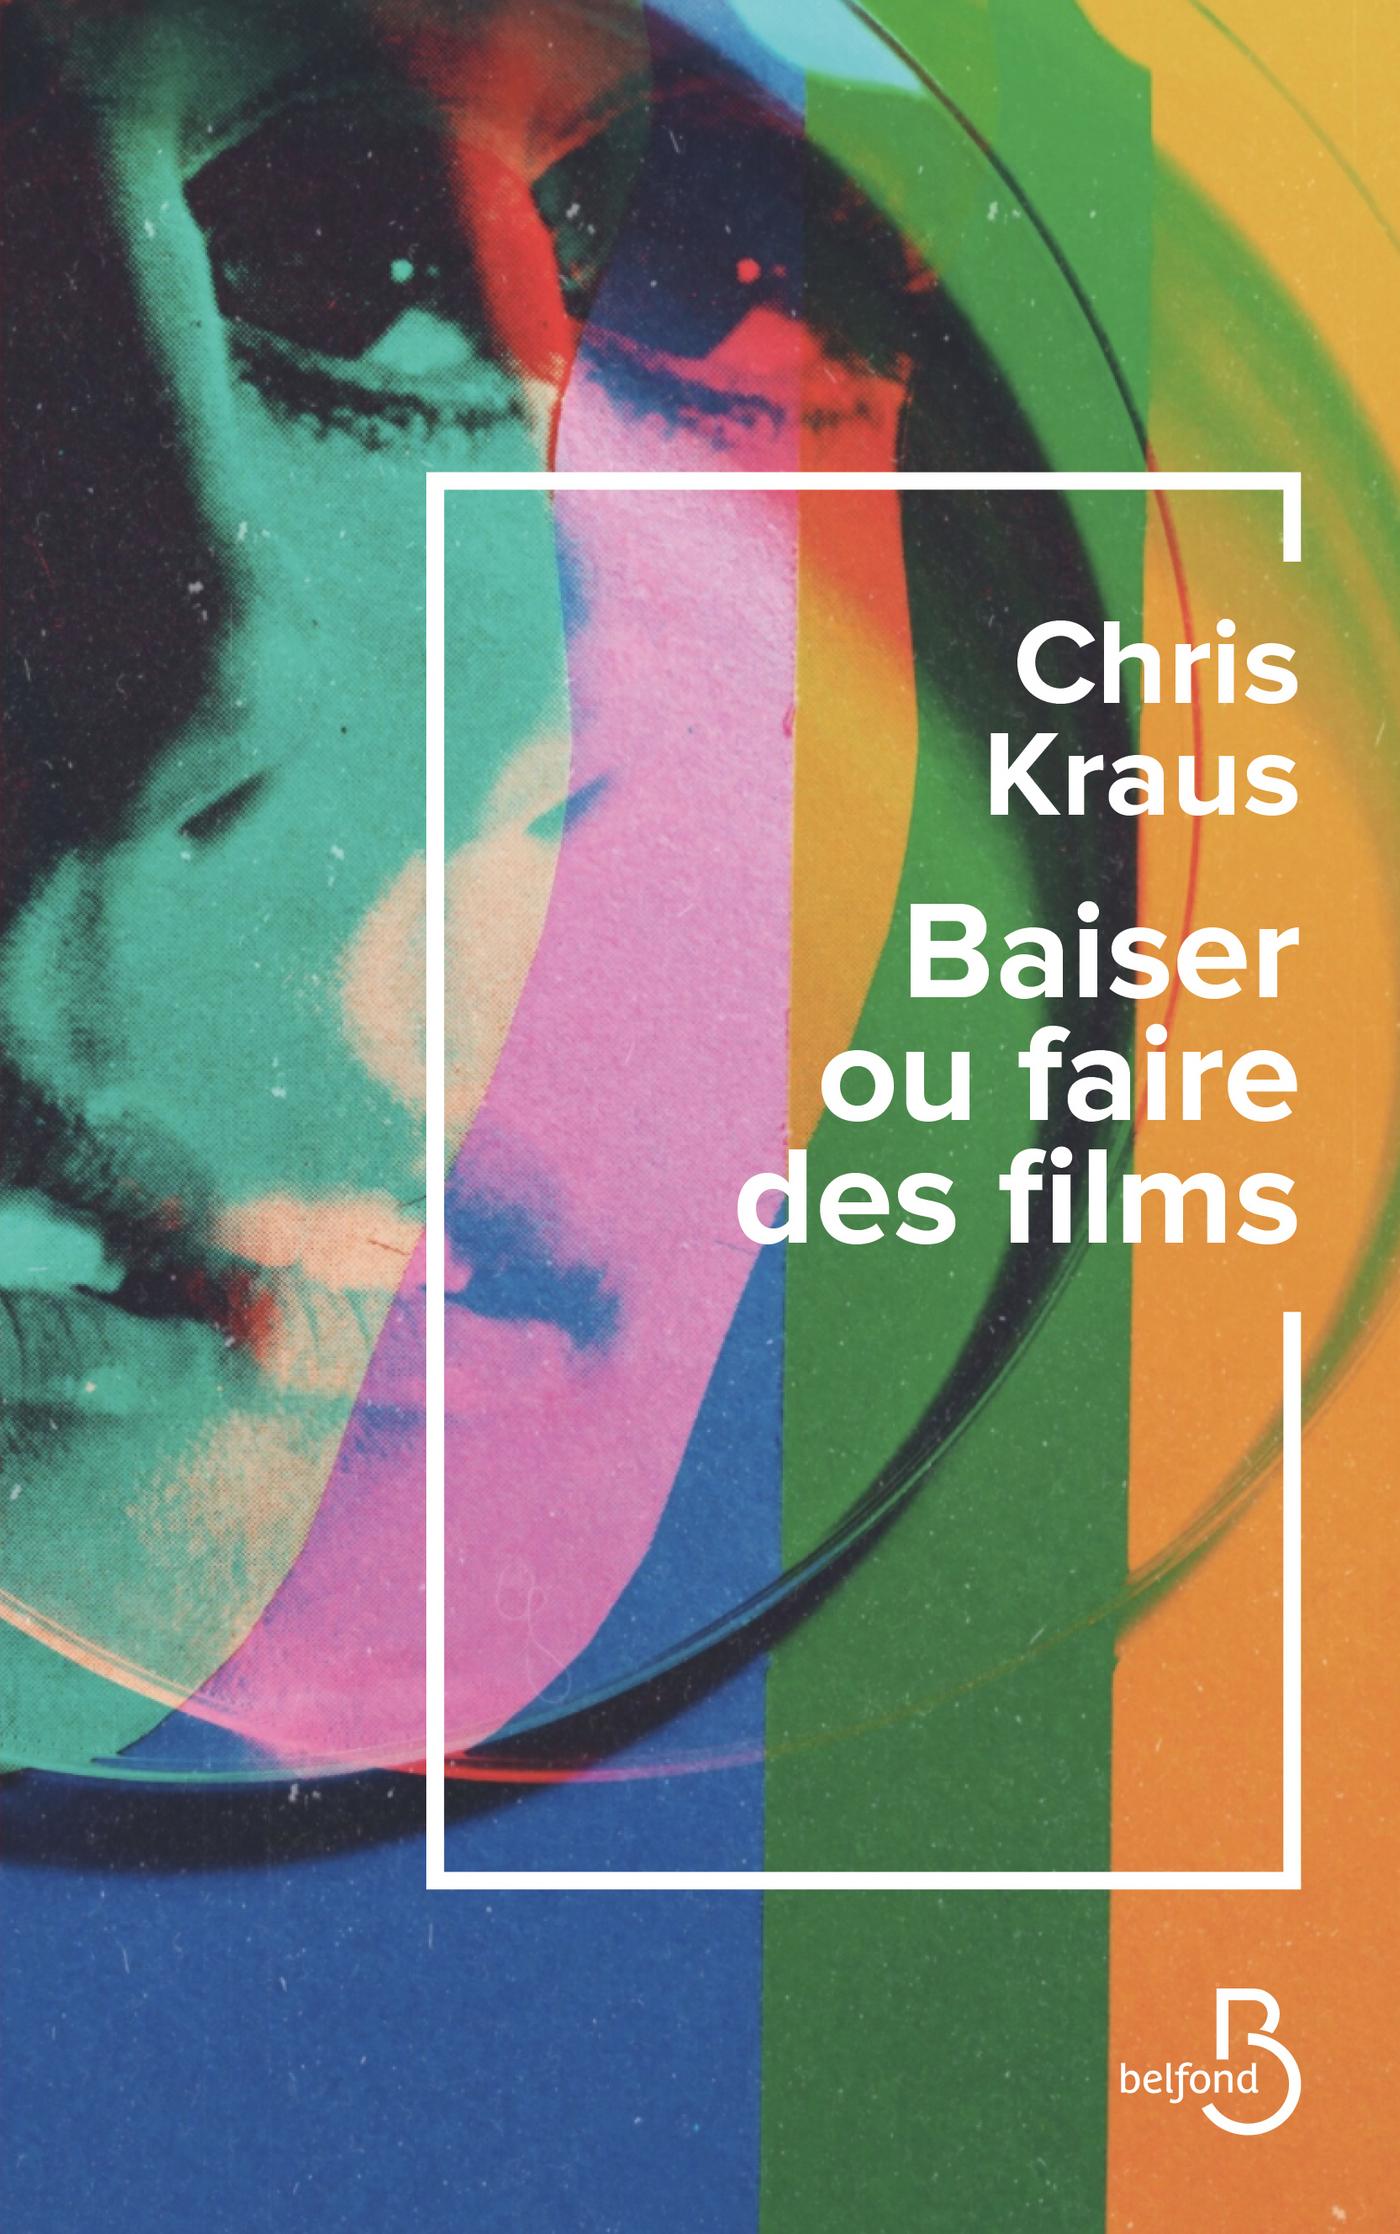 BAISER OU FAIRE DES FILMS